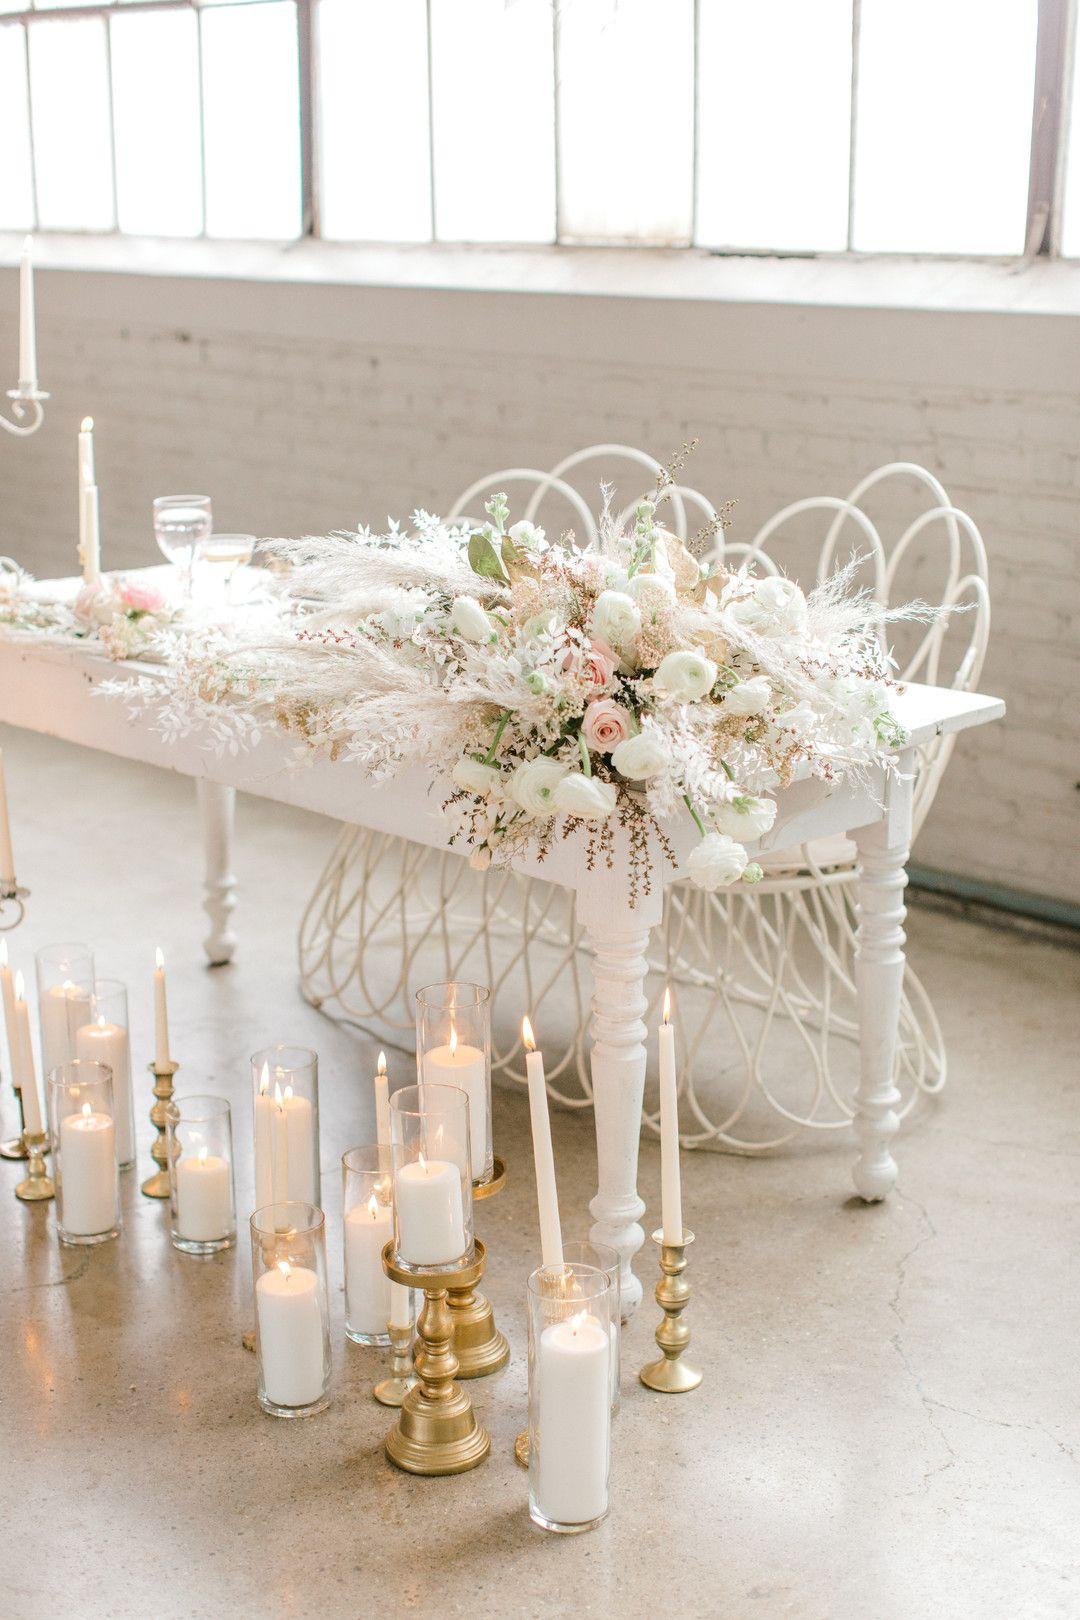 Minimal and Fresh 2020 Wedding Decor Ideas in 2020